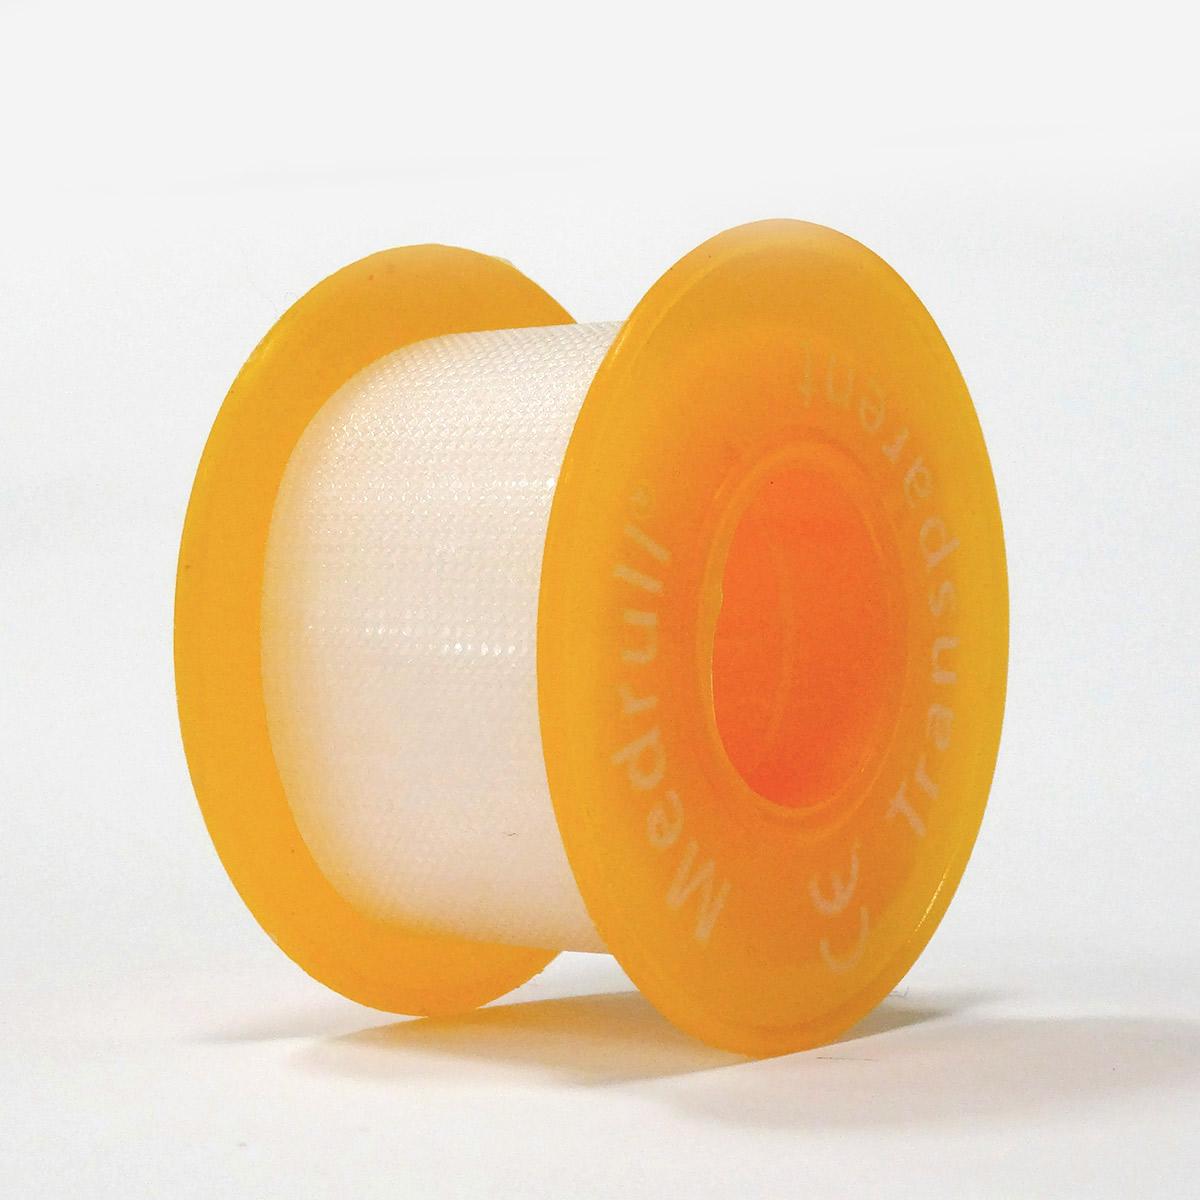 Medrull Лейкопластырь медицинский фиксирующий Transparent, рулонный на полимерной основе, 2,5х500 см4742225002624ПЛАСТЫРЬ В РУЛЛОНЧИКЕ TRANSPARENT/ ПРОЗРАЧНЫЙ Состав Полимерный материал. Структура материала Перфорированый полимерный материал на цинк – оксидной основе. Размер 2.5cм x 500cм